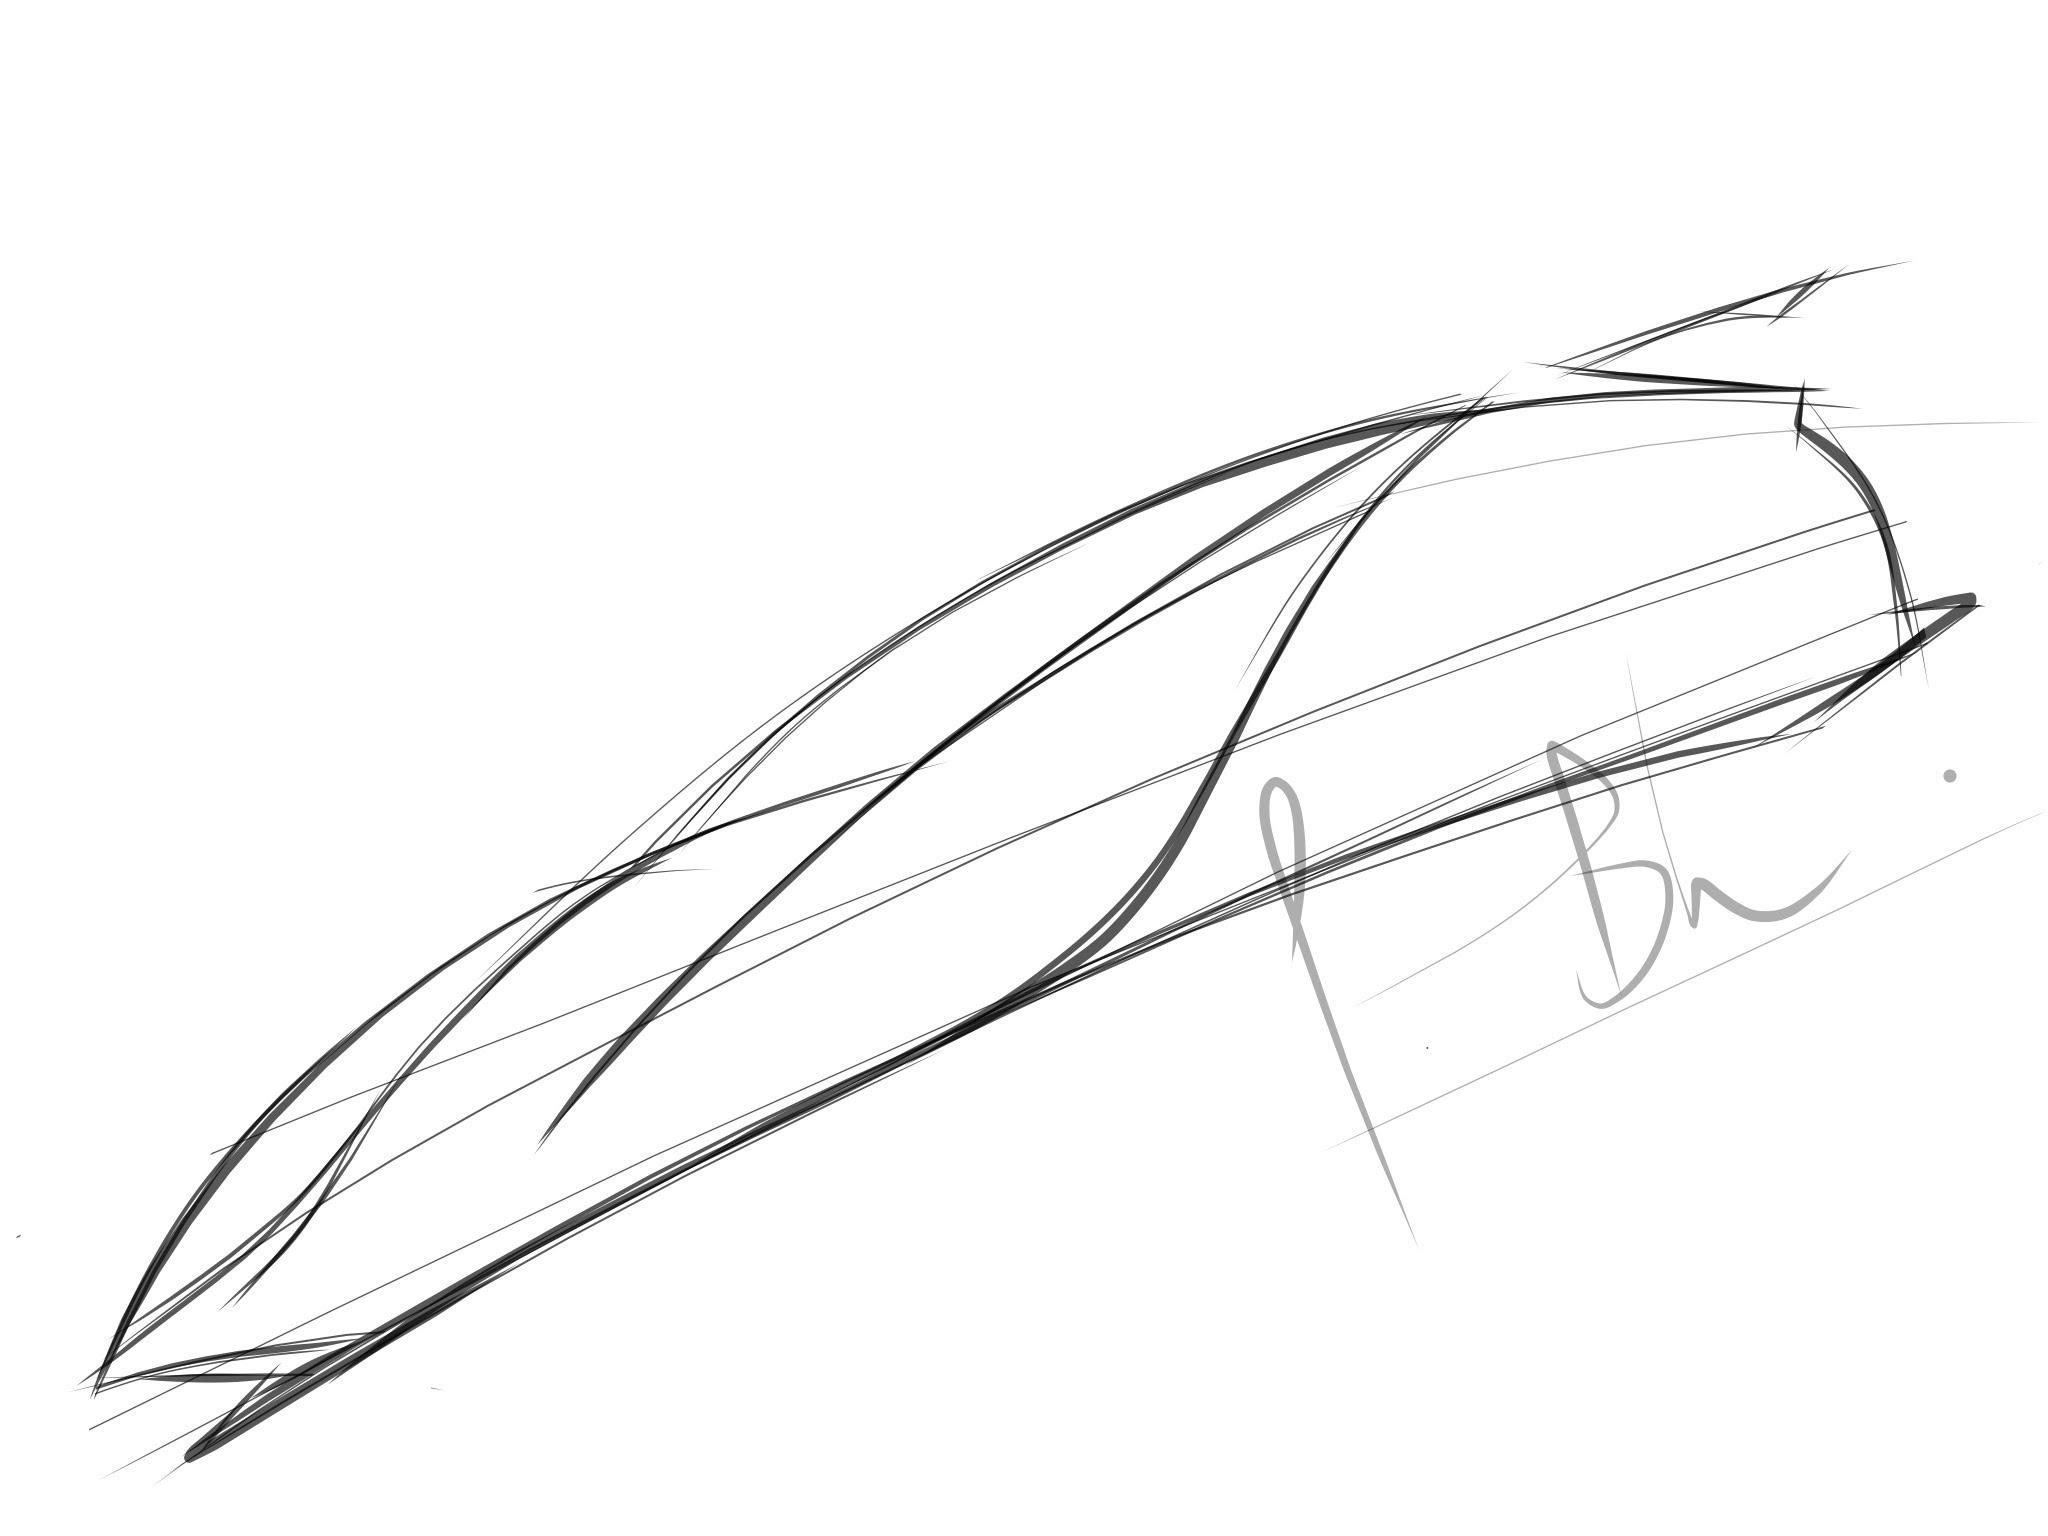 2048x1536 how to draw a mercedes benz concept car ipad part 1